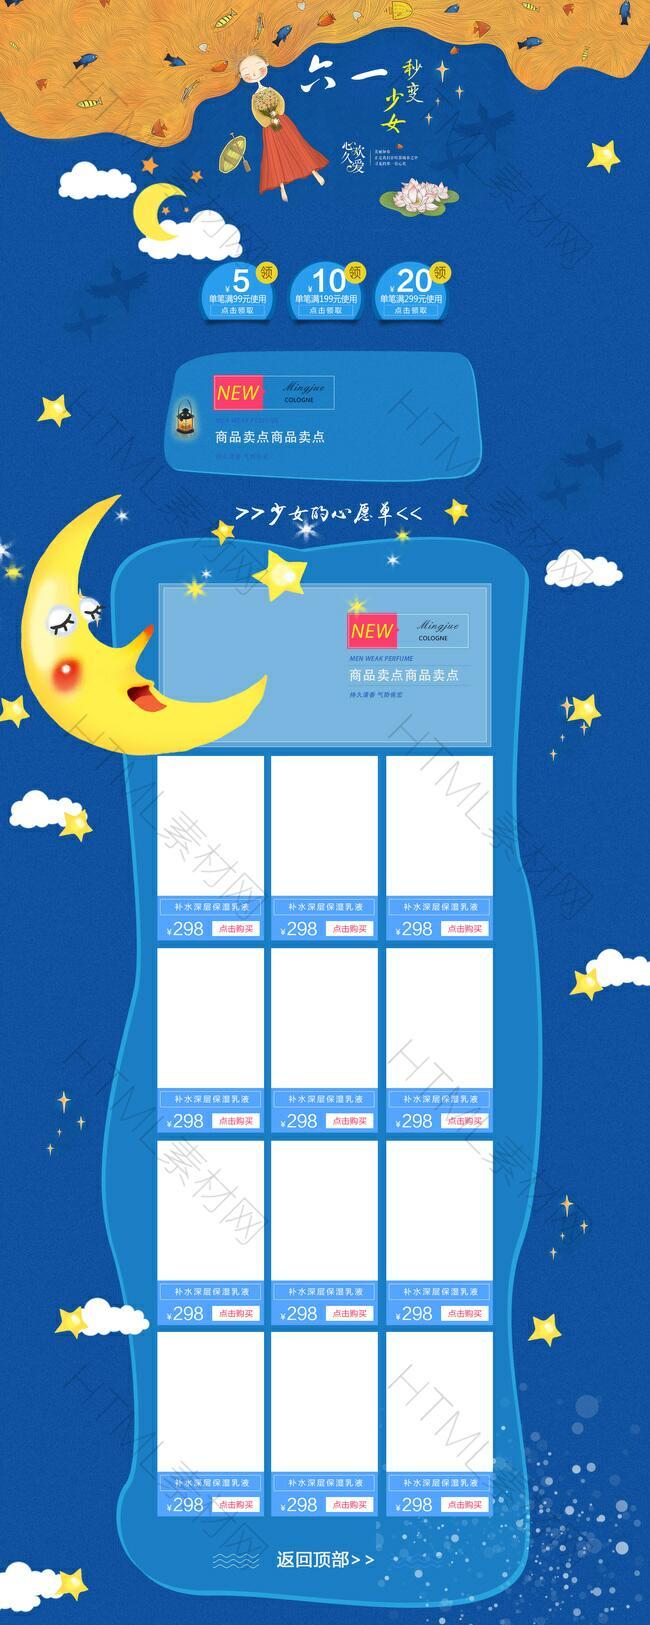 蓝色手绘卡通六一儿童节店铺首页背景